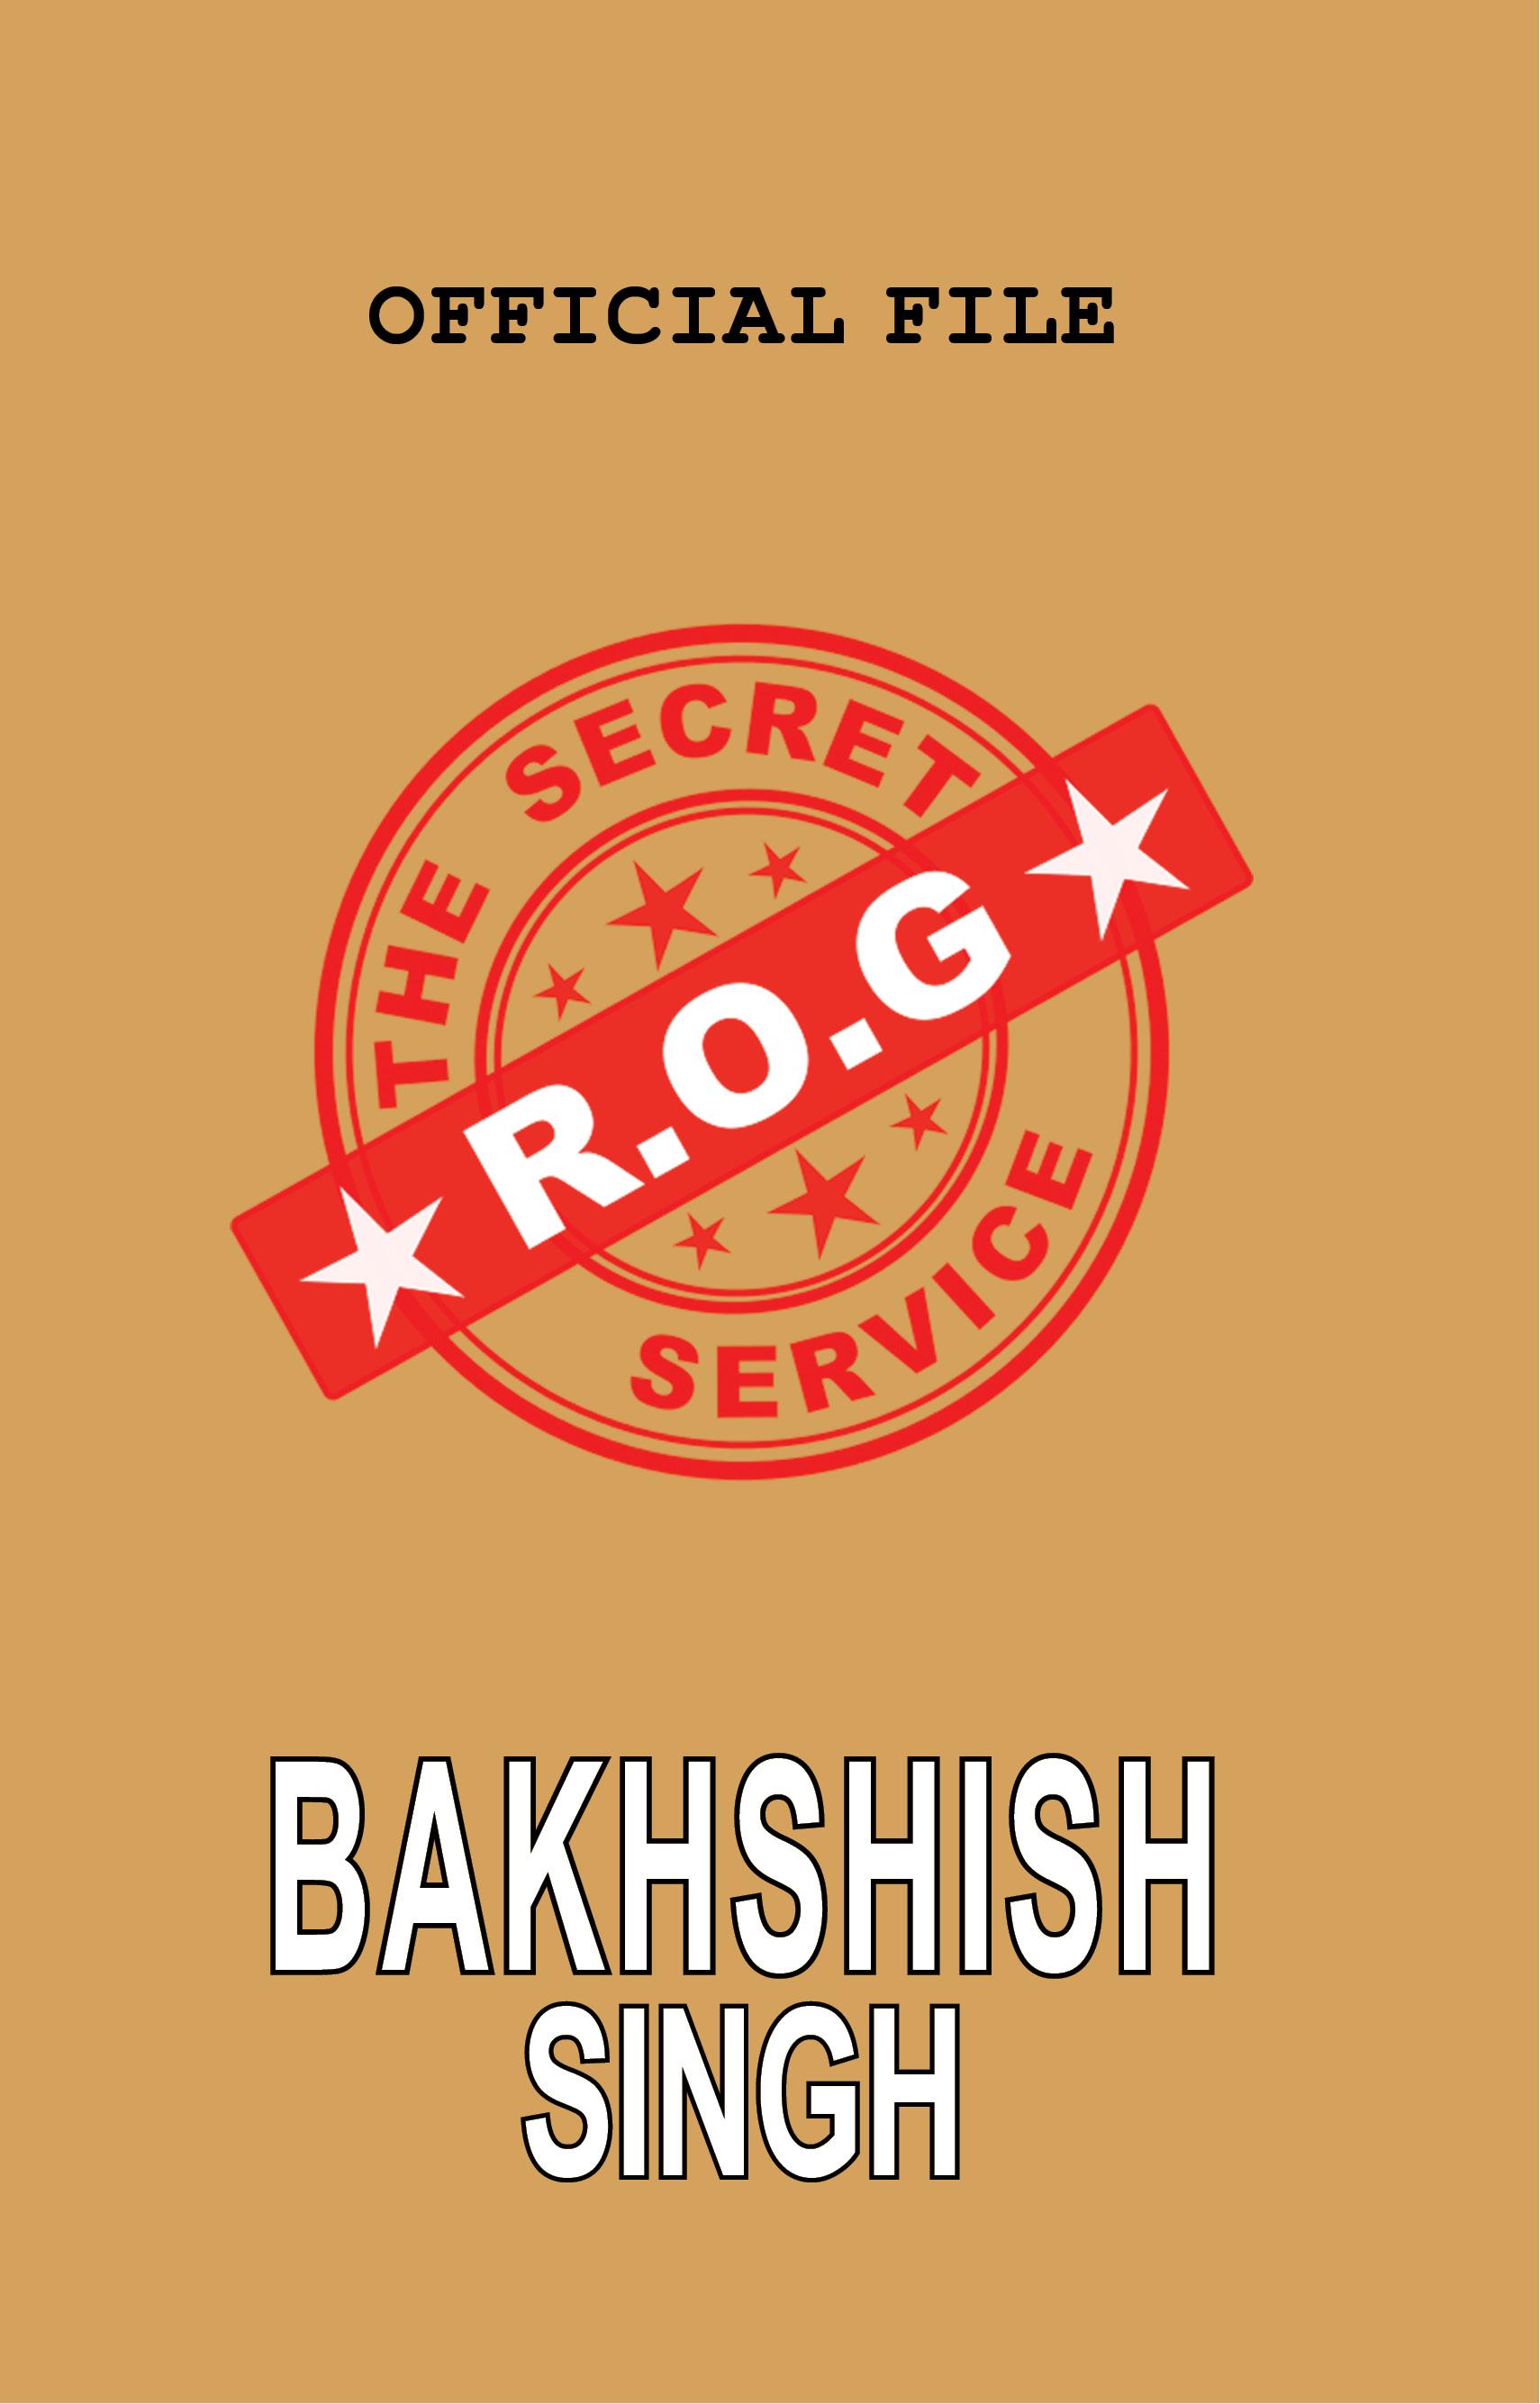 R.O.G. The Secret Service